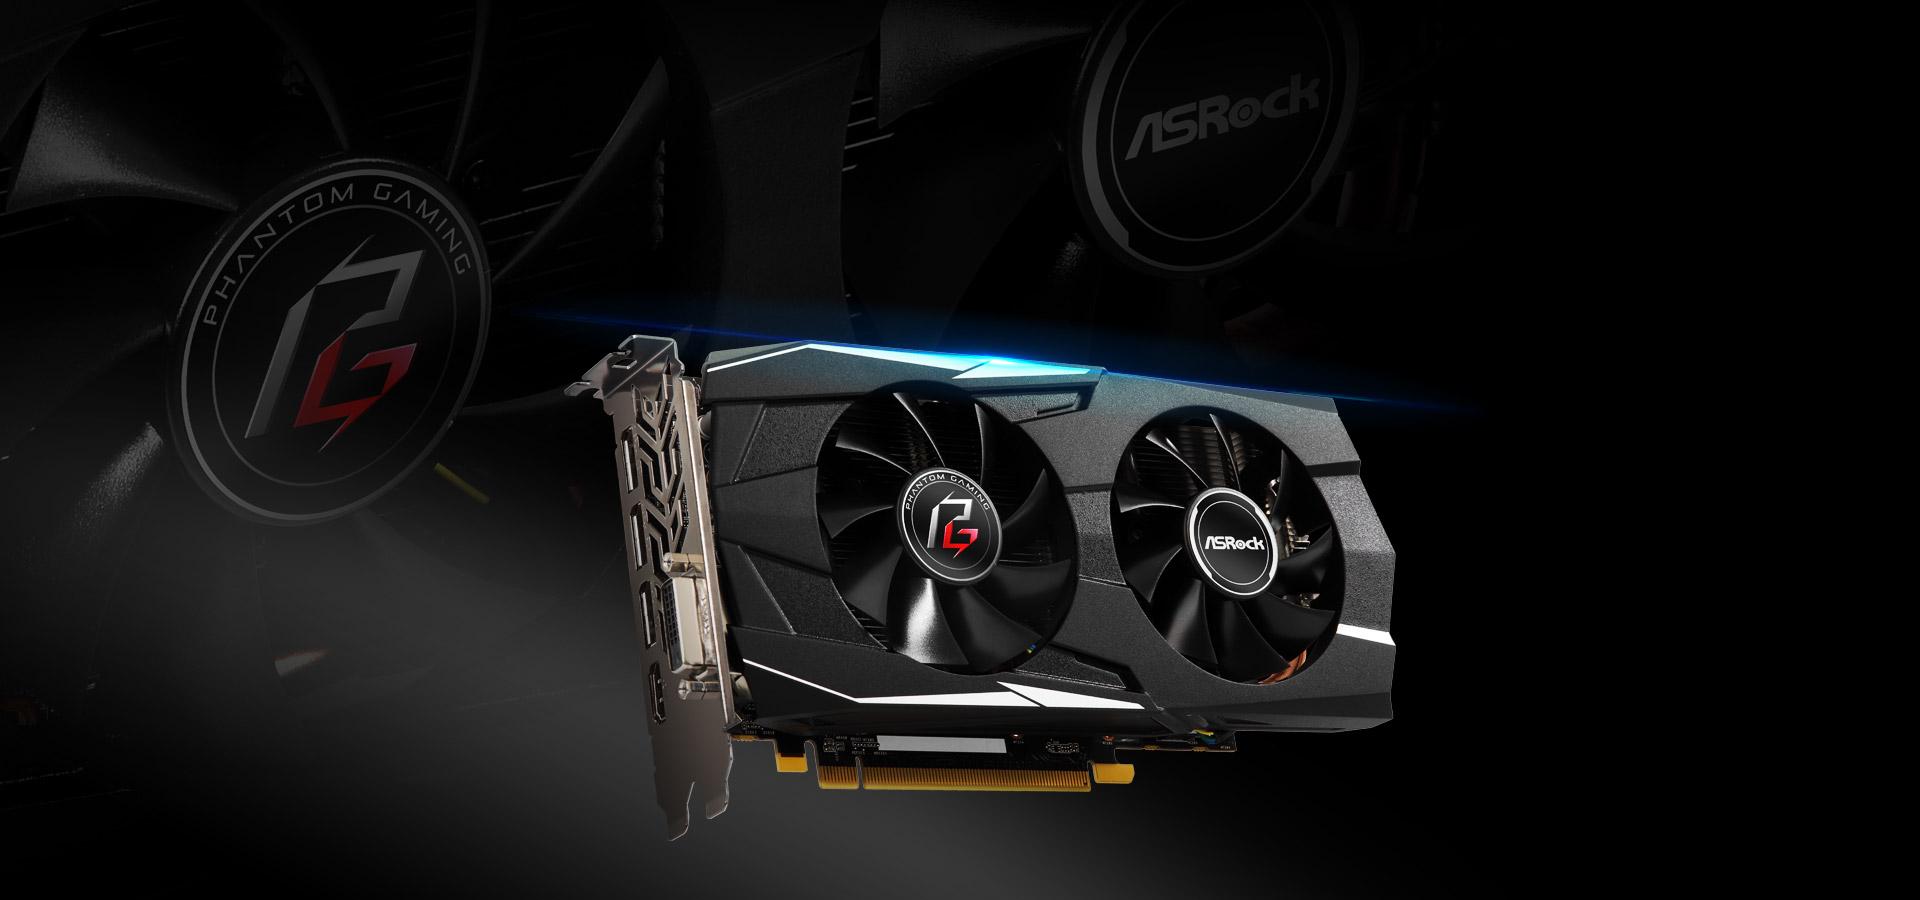 ASRock > Phantom Gaming D Radeon RX570 8G OC